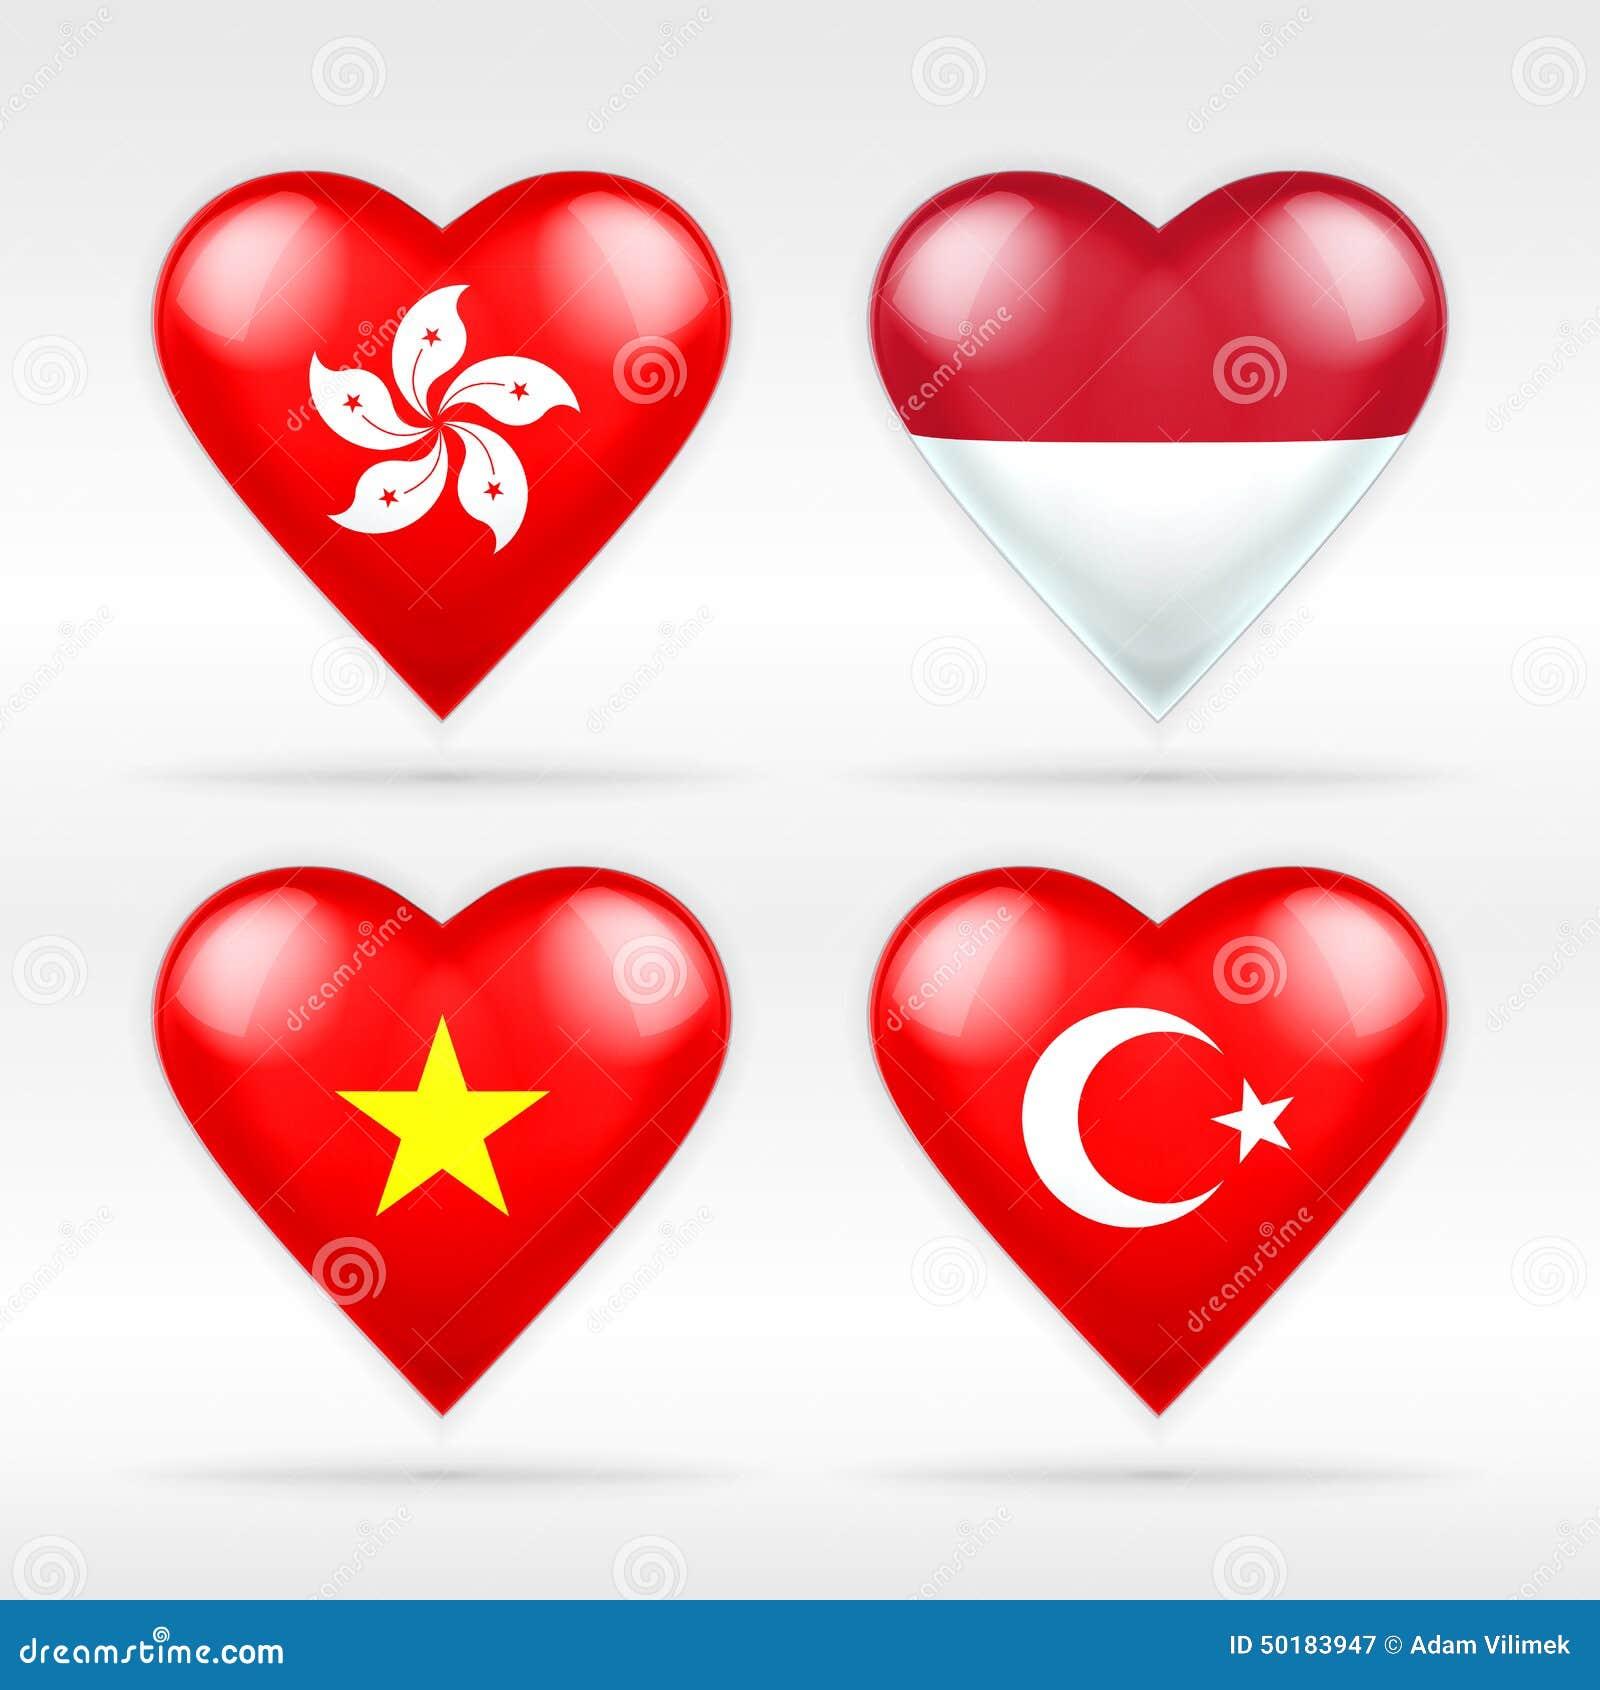 Hong Kong-, Indonesien-, Vietnam- und Türkei-Herzflaggensatz asiatische Staaten